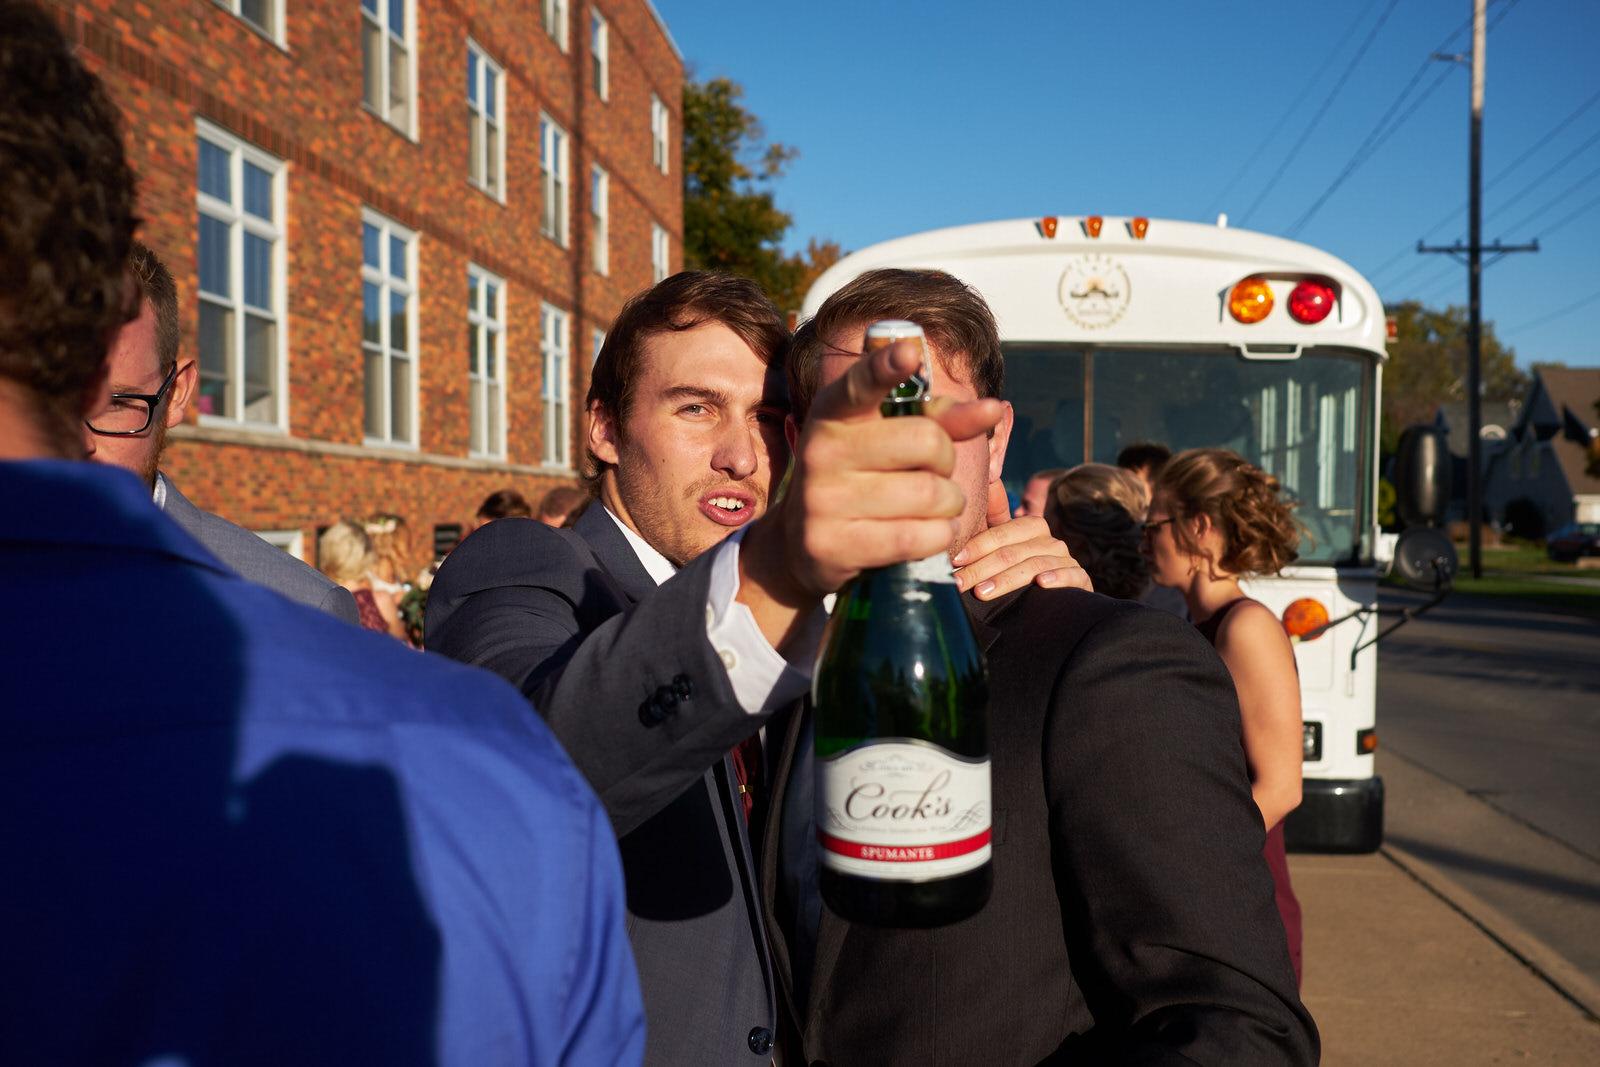 weddings3-1.jpg